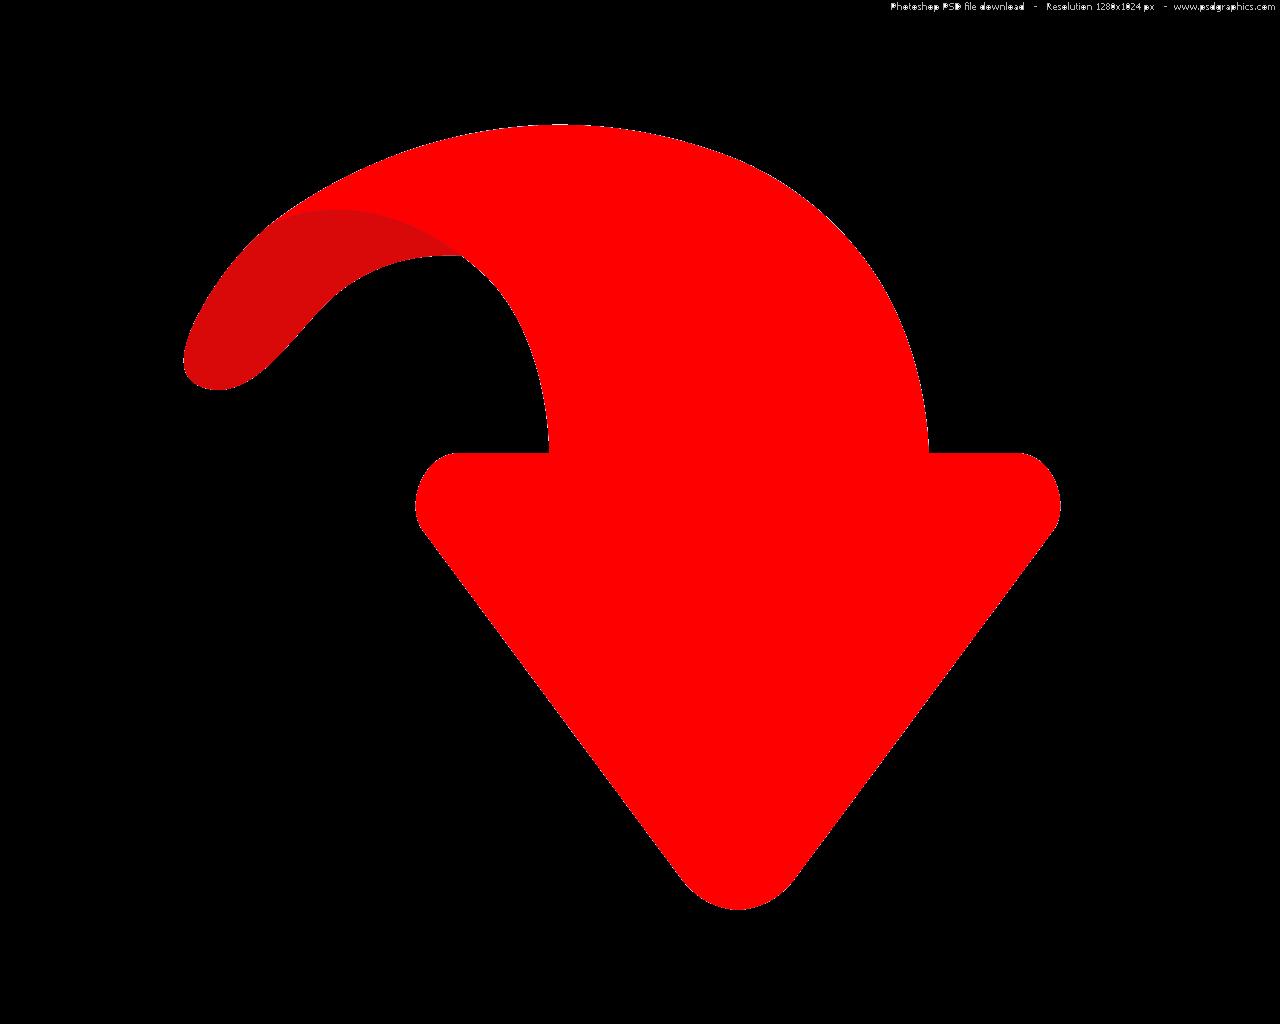 letras em pvc expandido